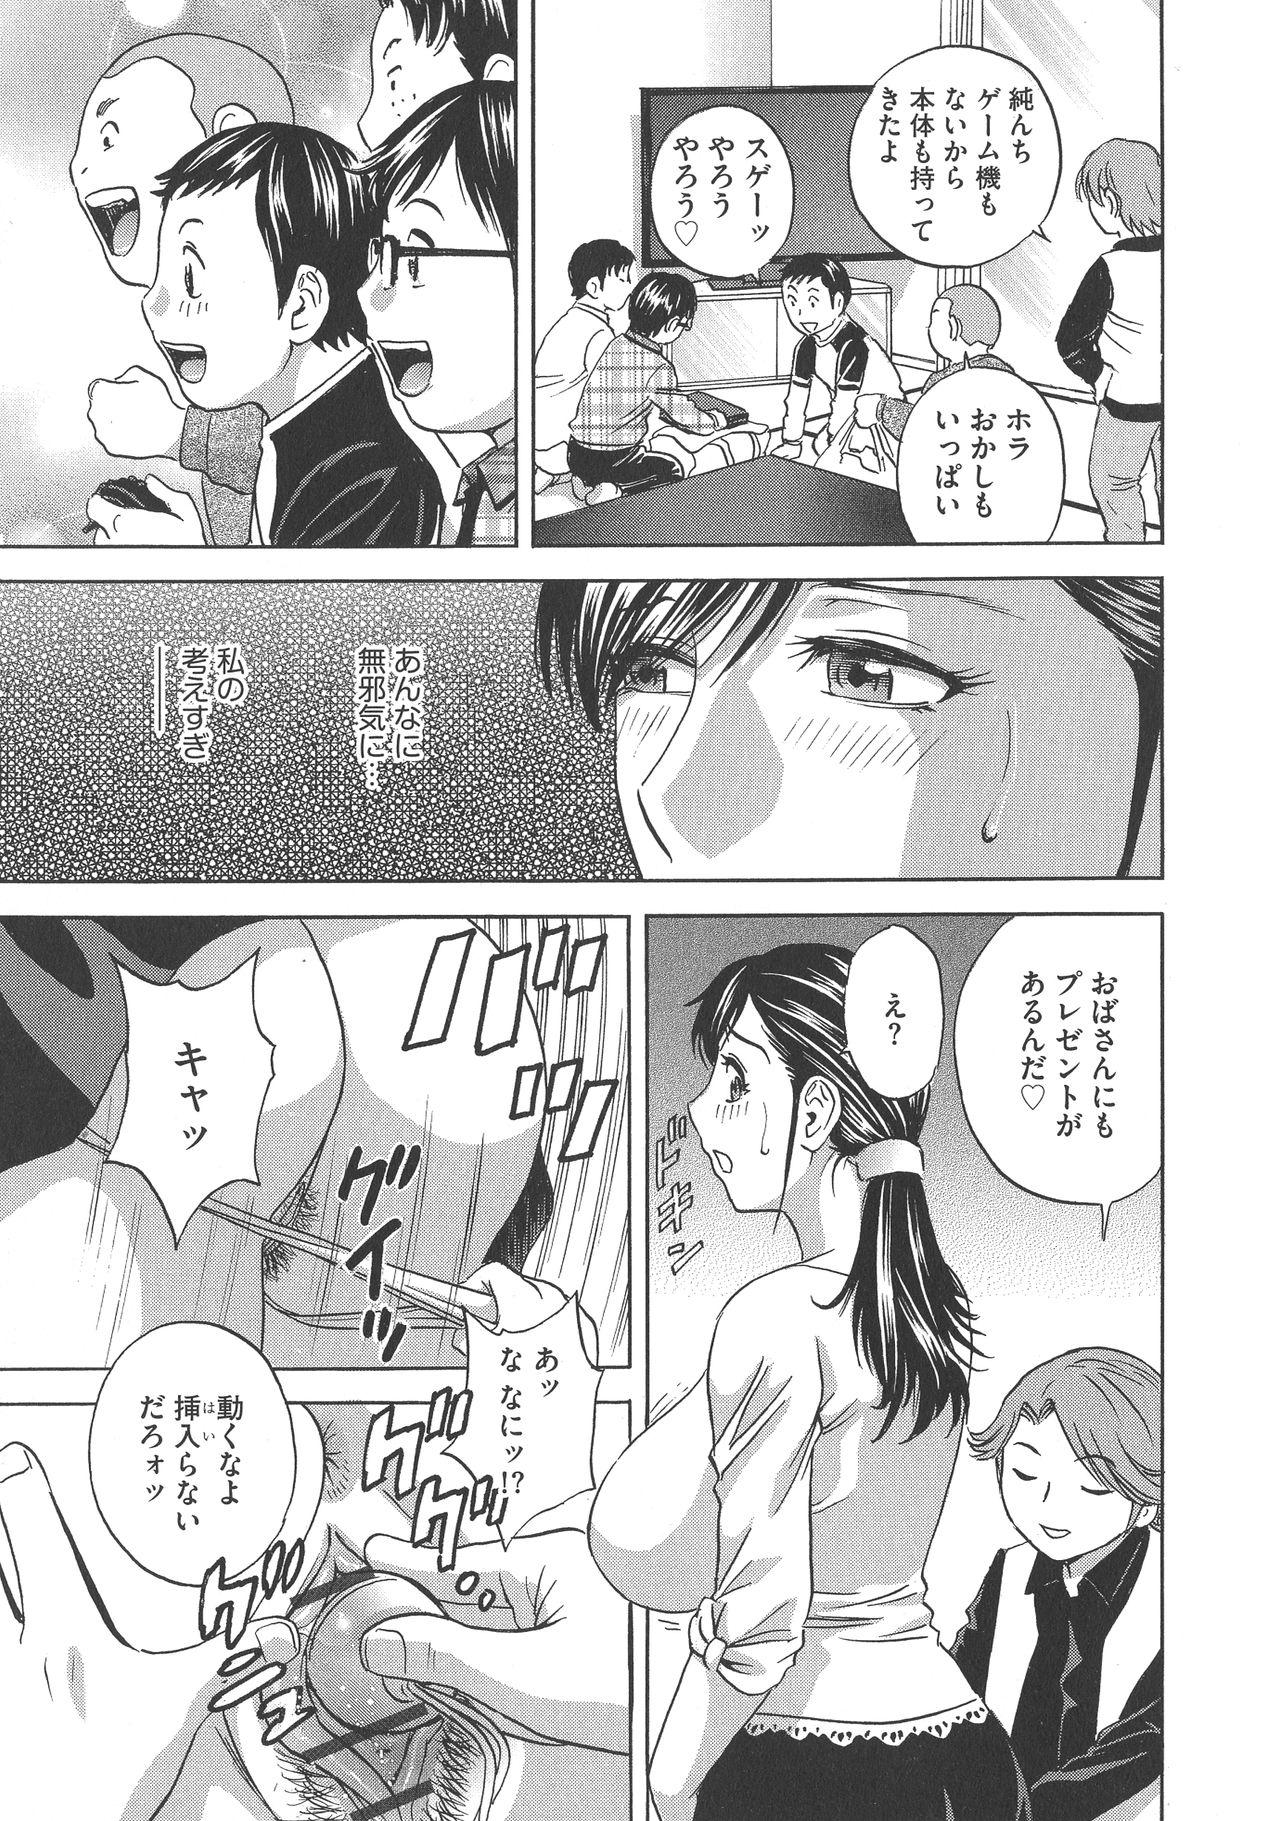 Chijoku ni Modaeru Haha no Chichi… 114